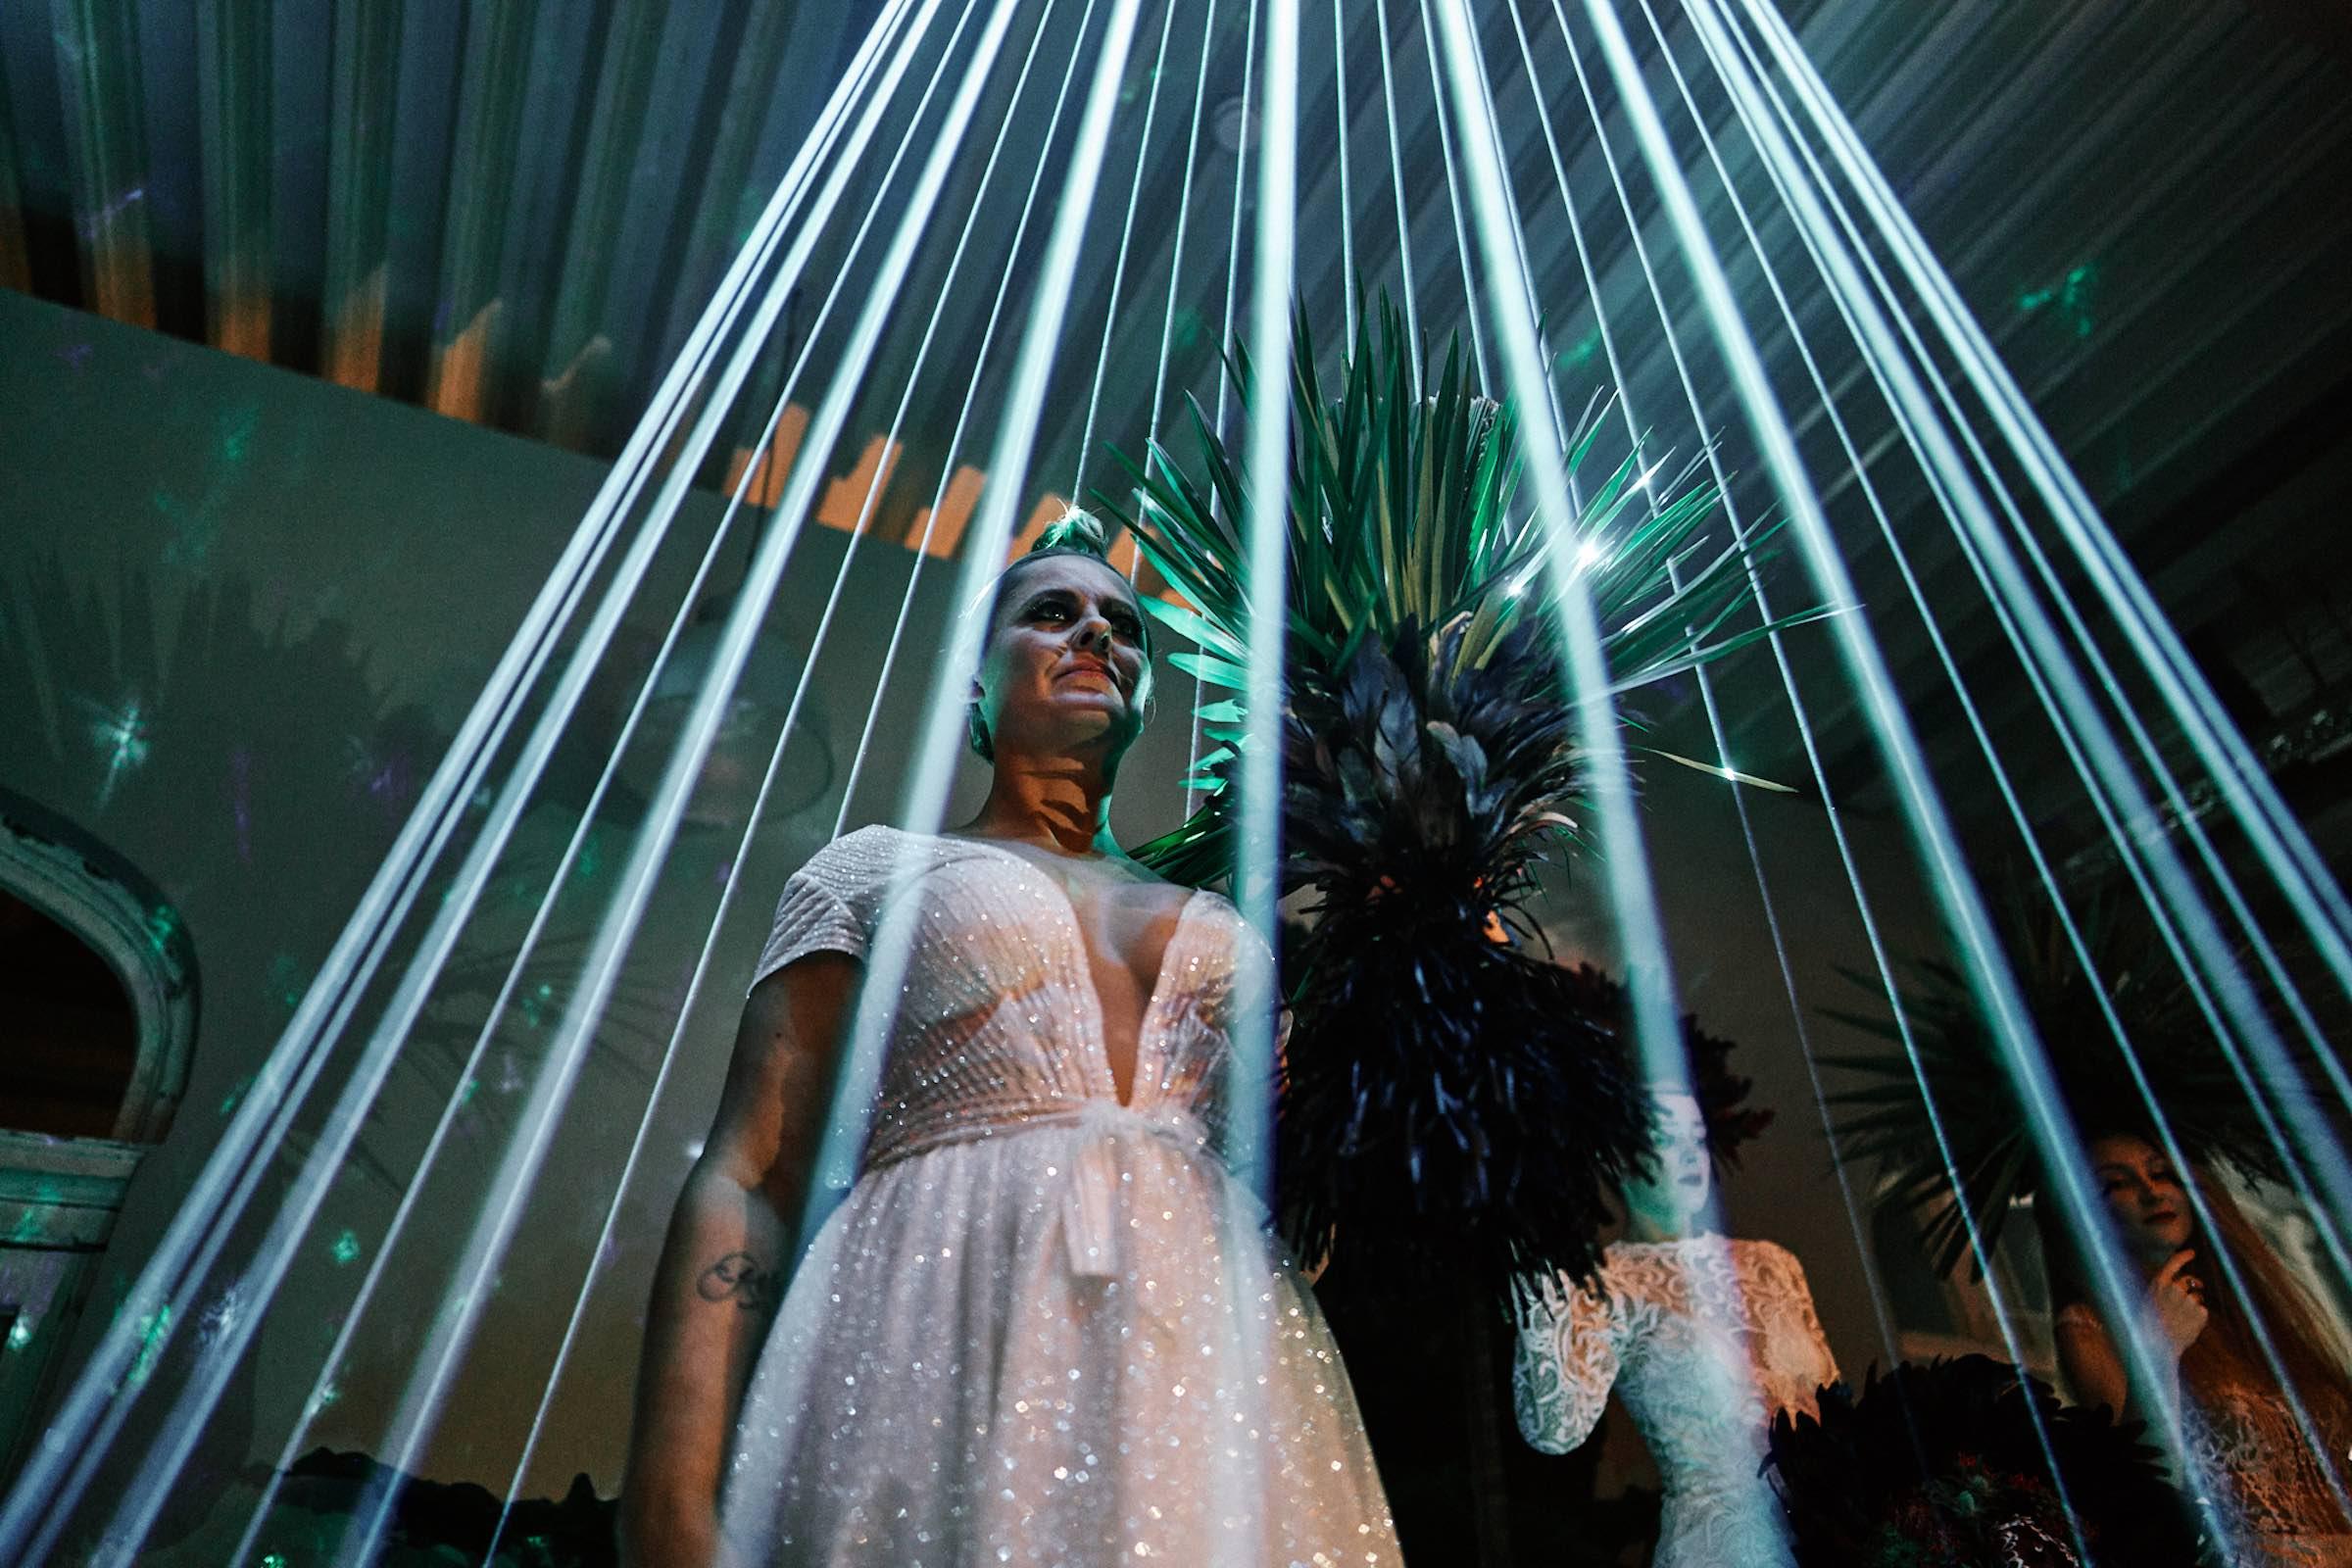 Lasershow |Laser |Lichtshow |Lightshow |Hochzeit |Beamshow |Indoor |Lichttechnik |Outdoor |Bühnenshow |Präsentation |Event |Business |Buchen |Anfragen |Lehmann |Eventservice